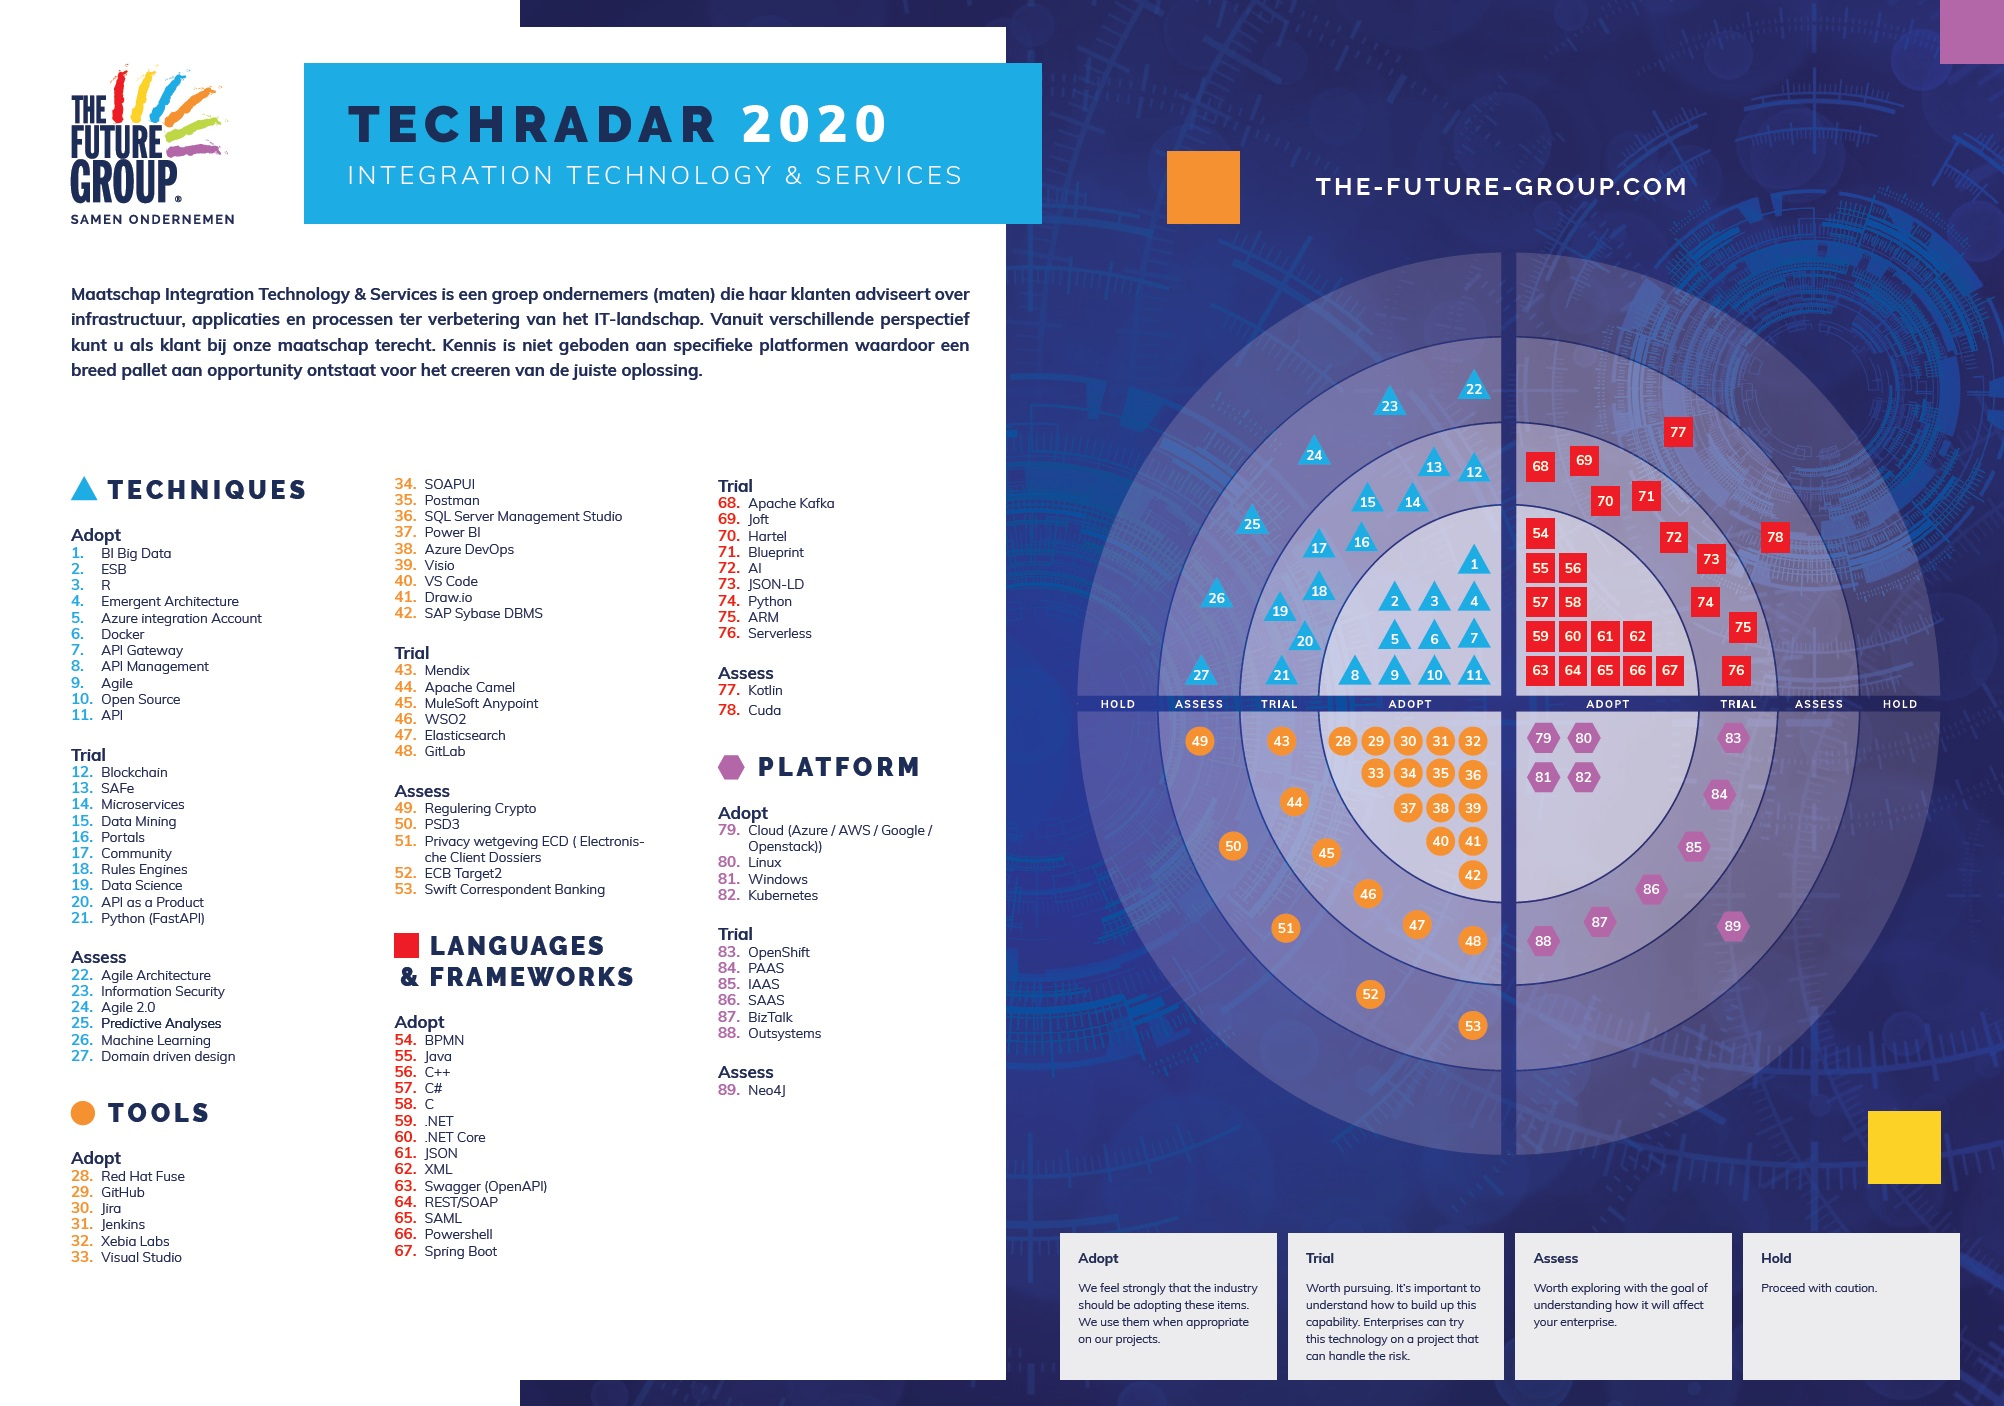 Tech Radar Integration Technology & Services